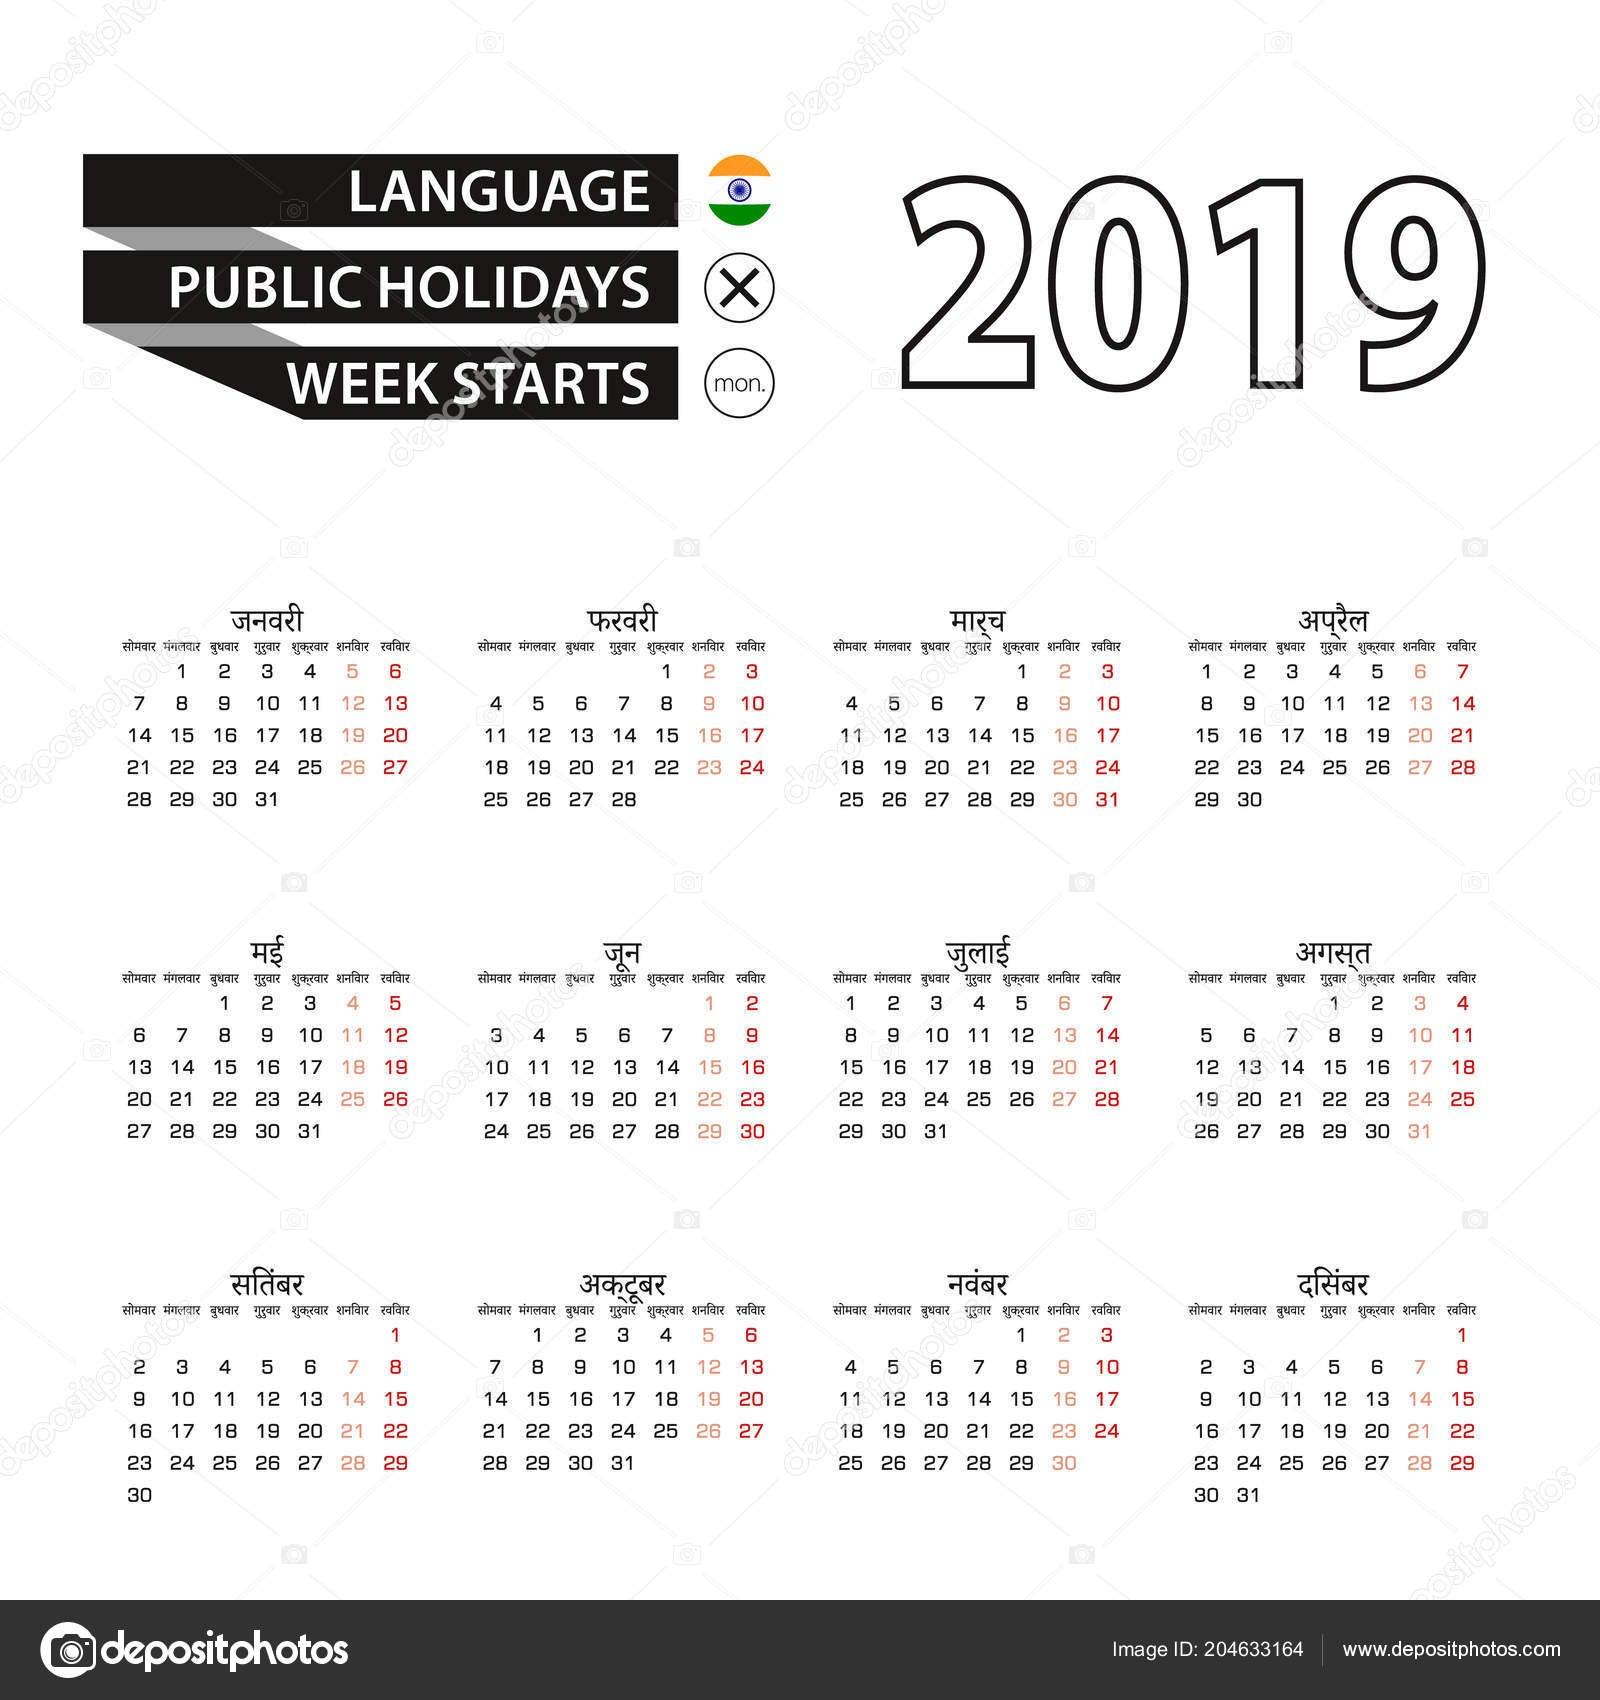 Календарь 2019 Языке Хинди Неделя Начинается Понедельник Вектор Calendar 2019 Hindi